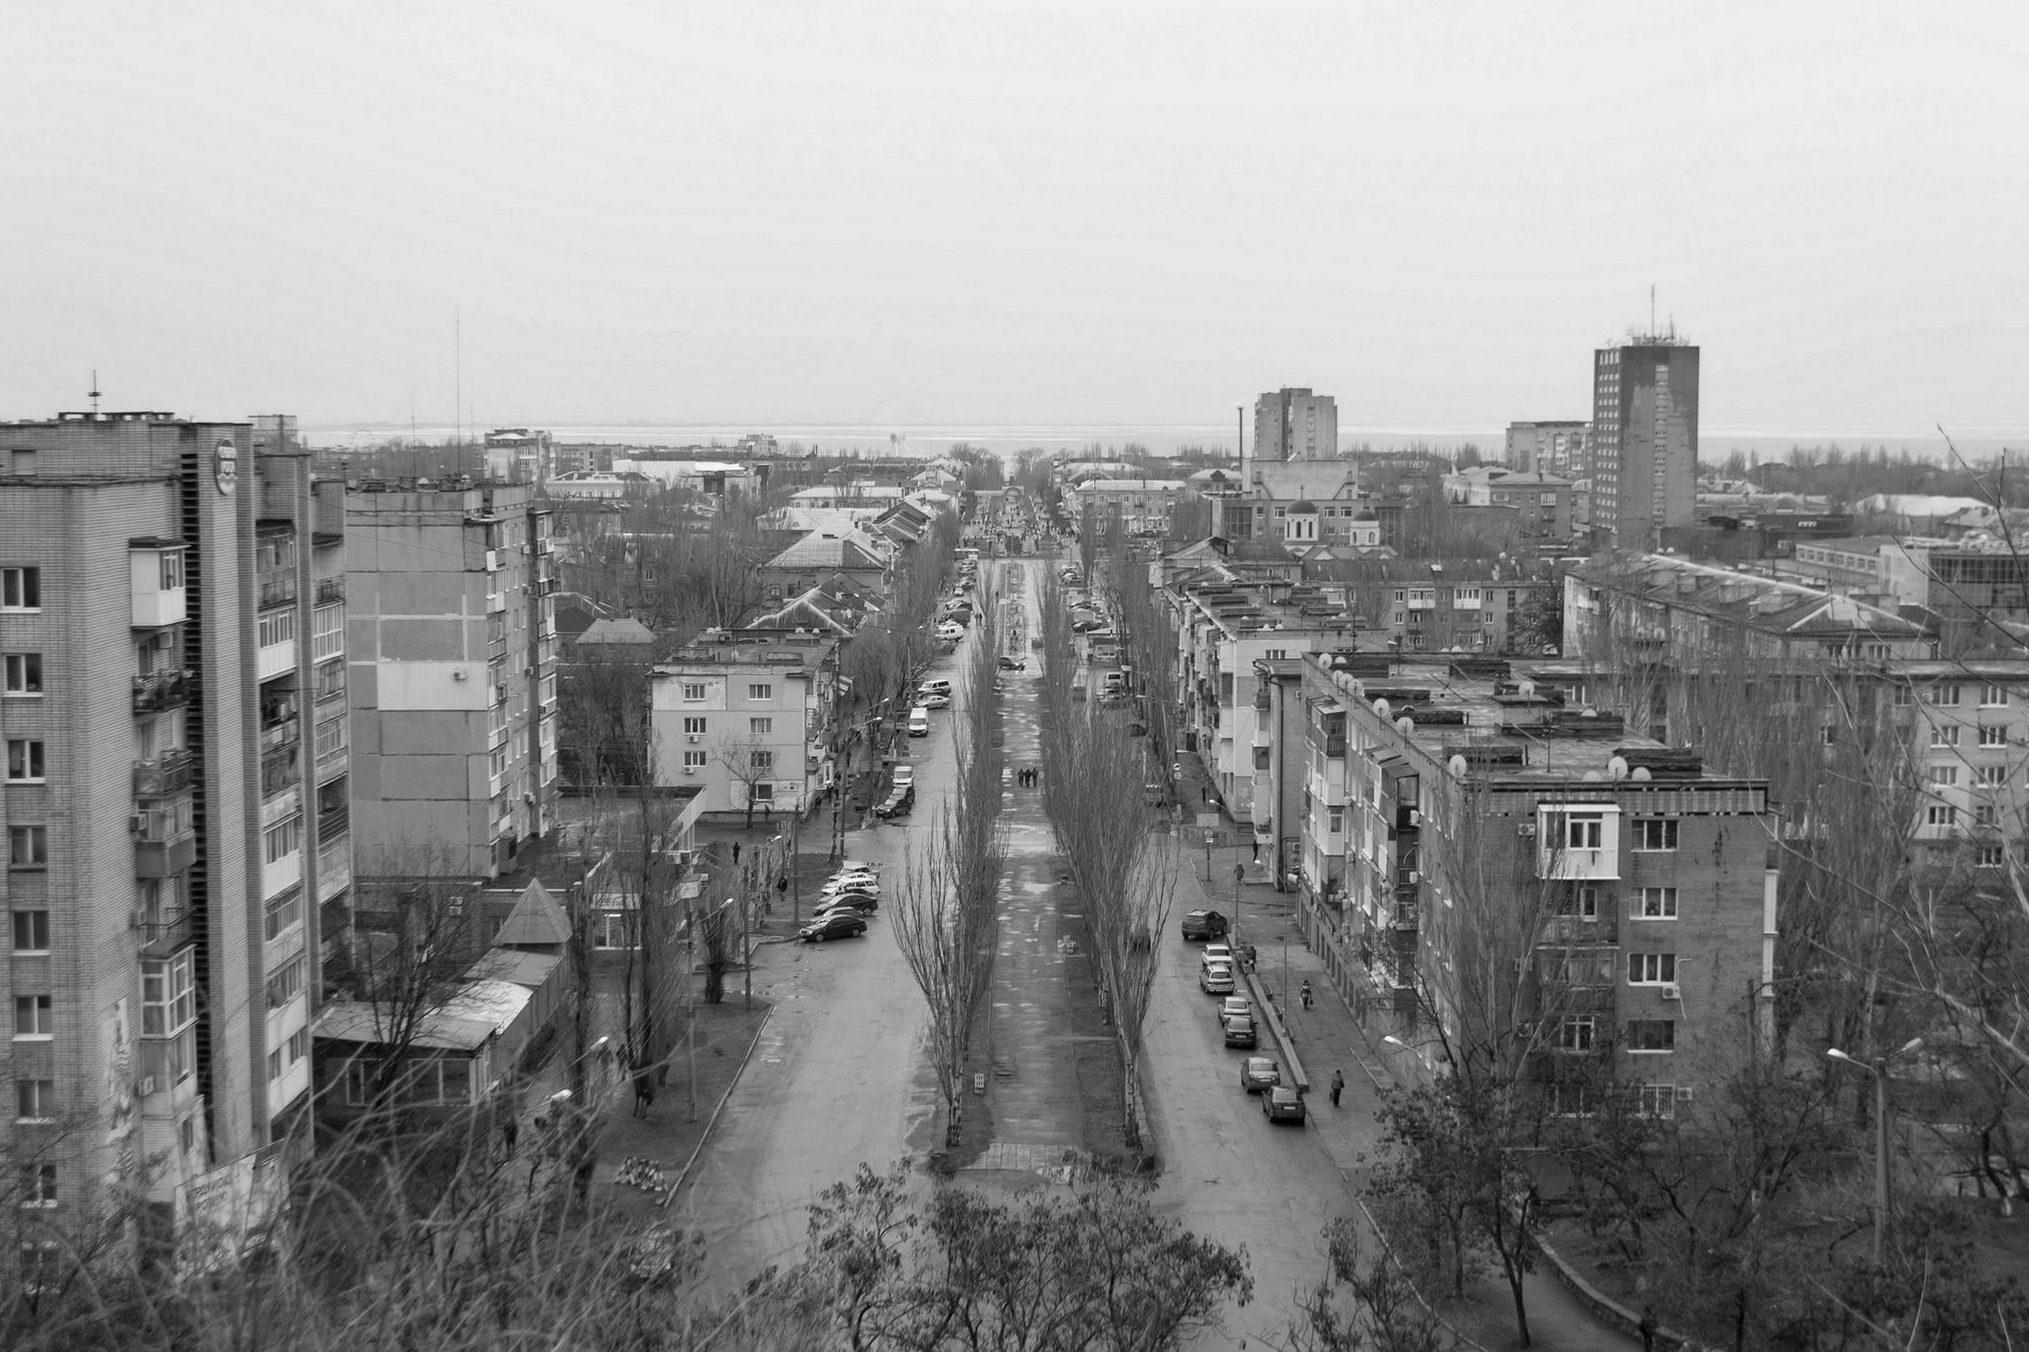 Бердянськ вимирає! Основні соціально-економічні показники міста за останнє десятиліття